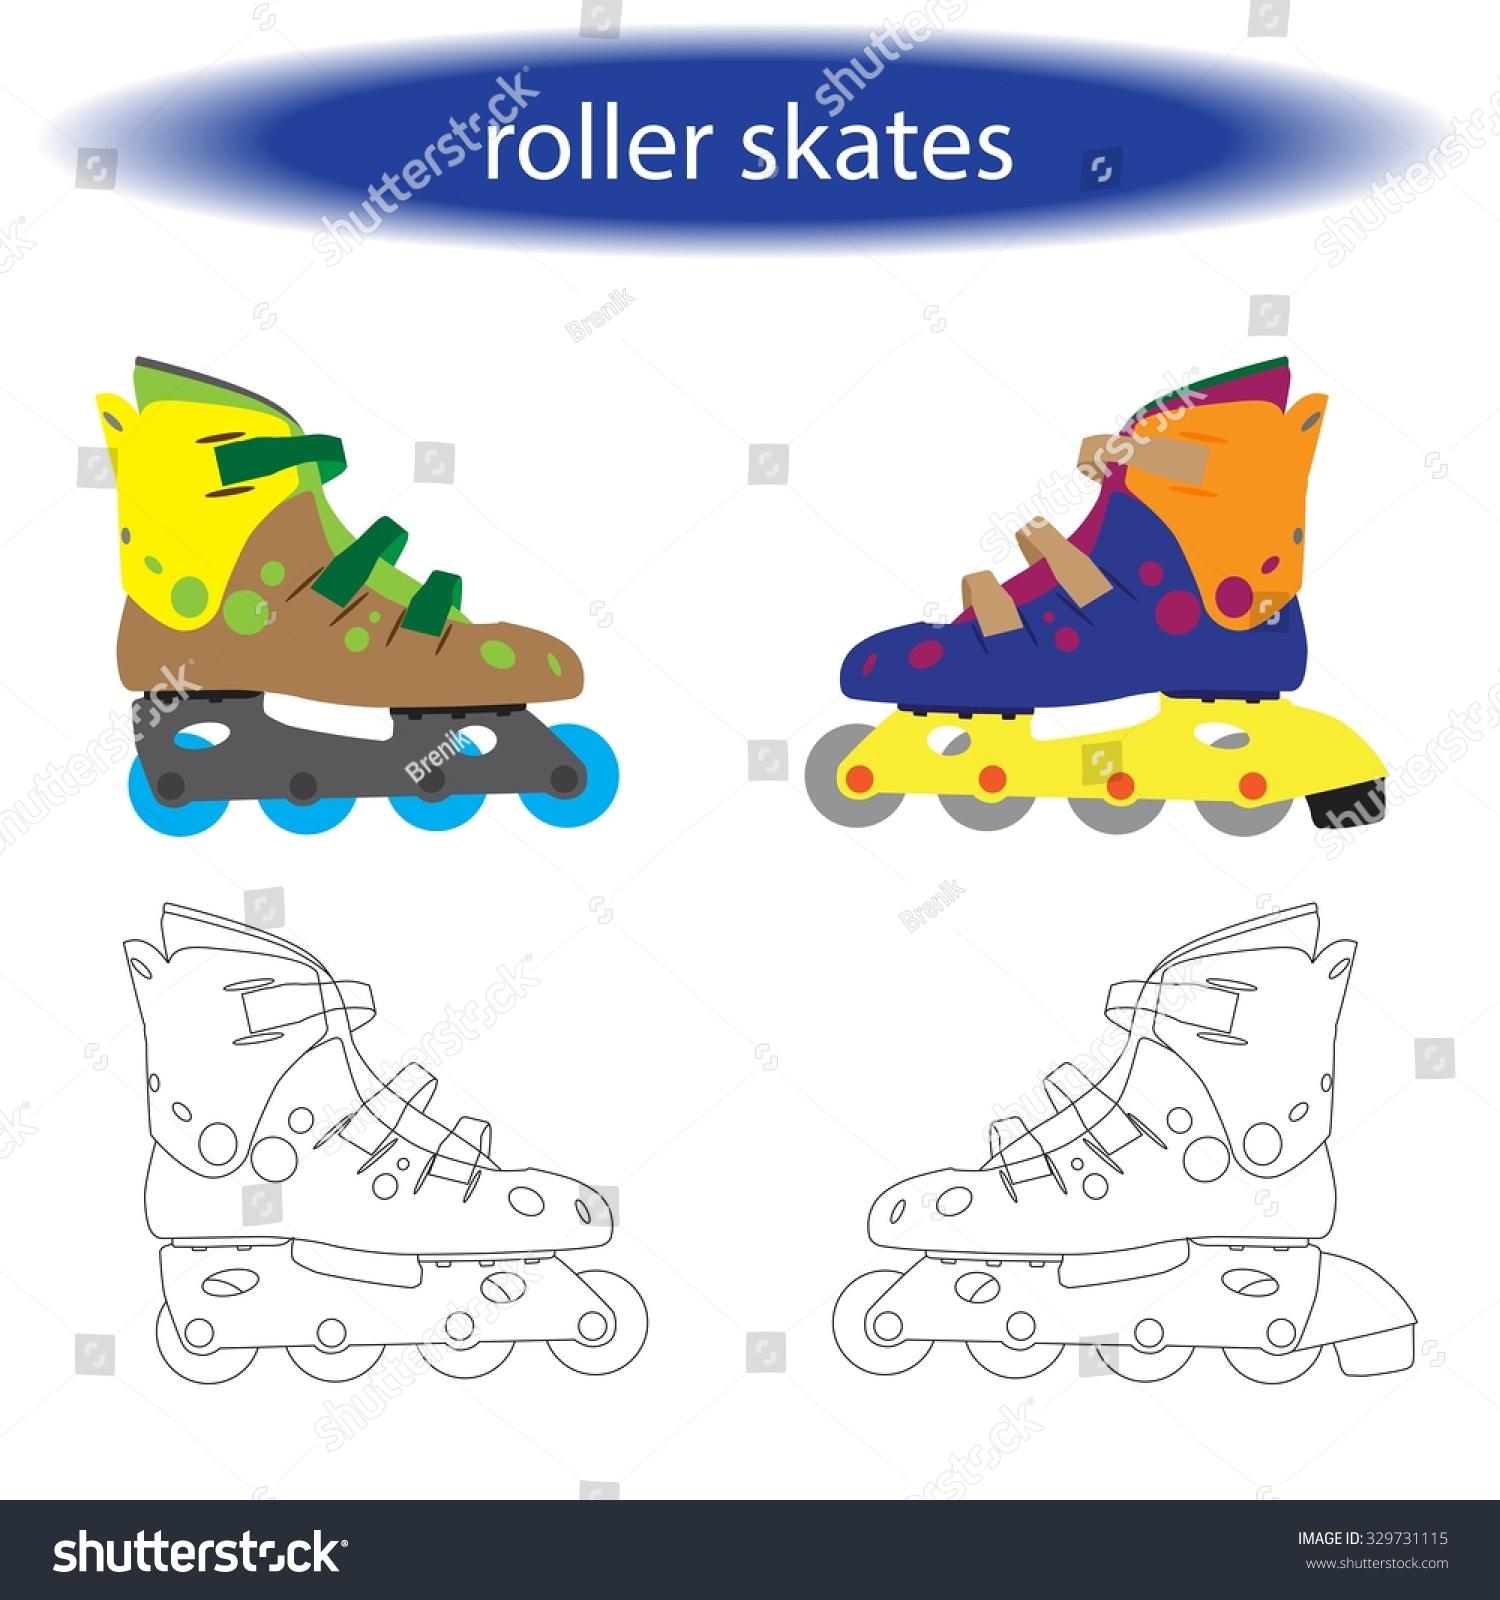 Roller skates book - Coloring Book Roller Skates For Children Vector Illustration